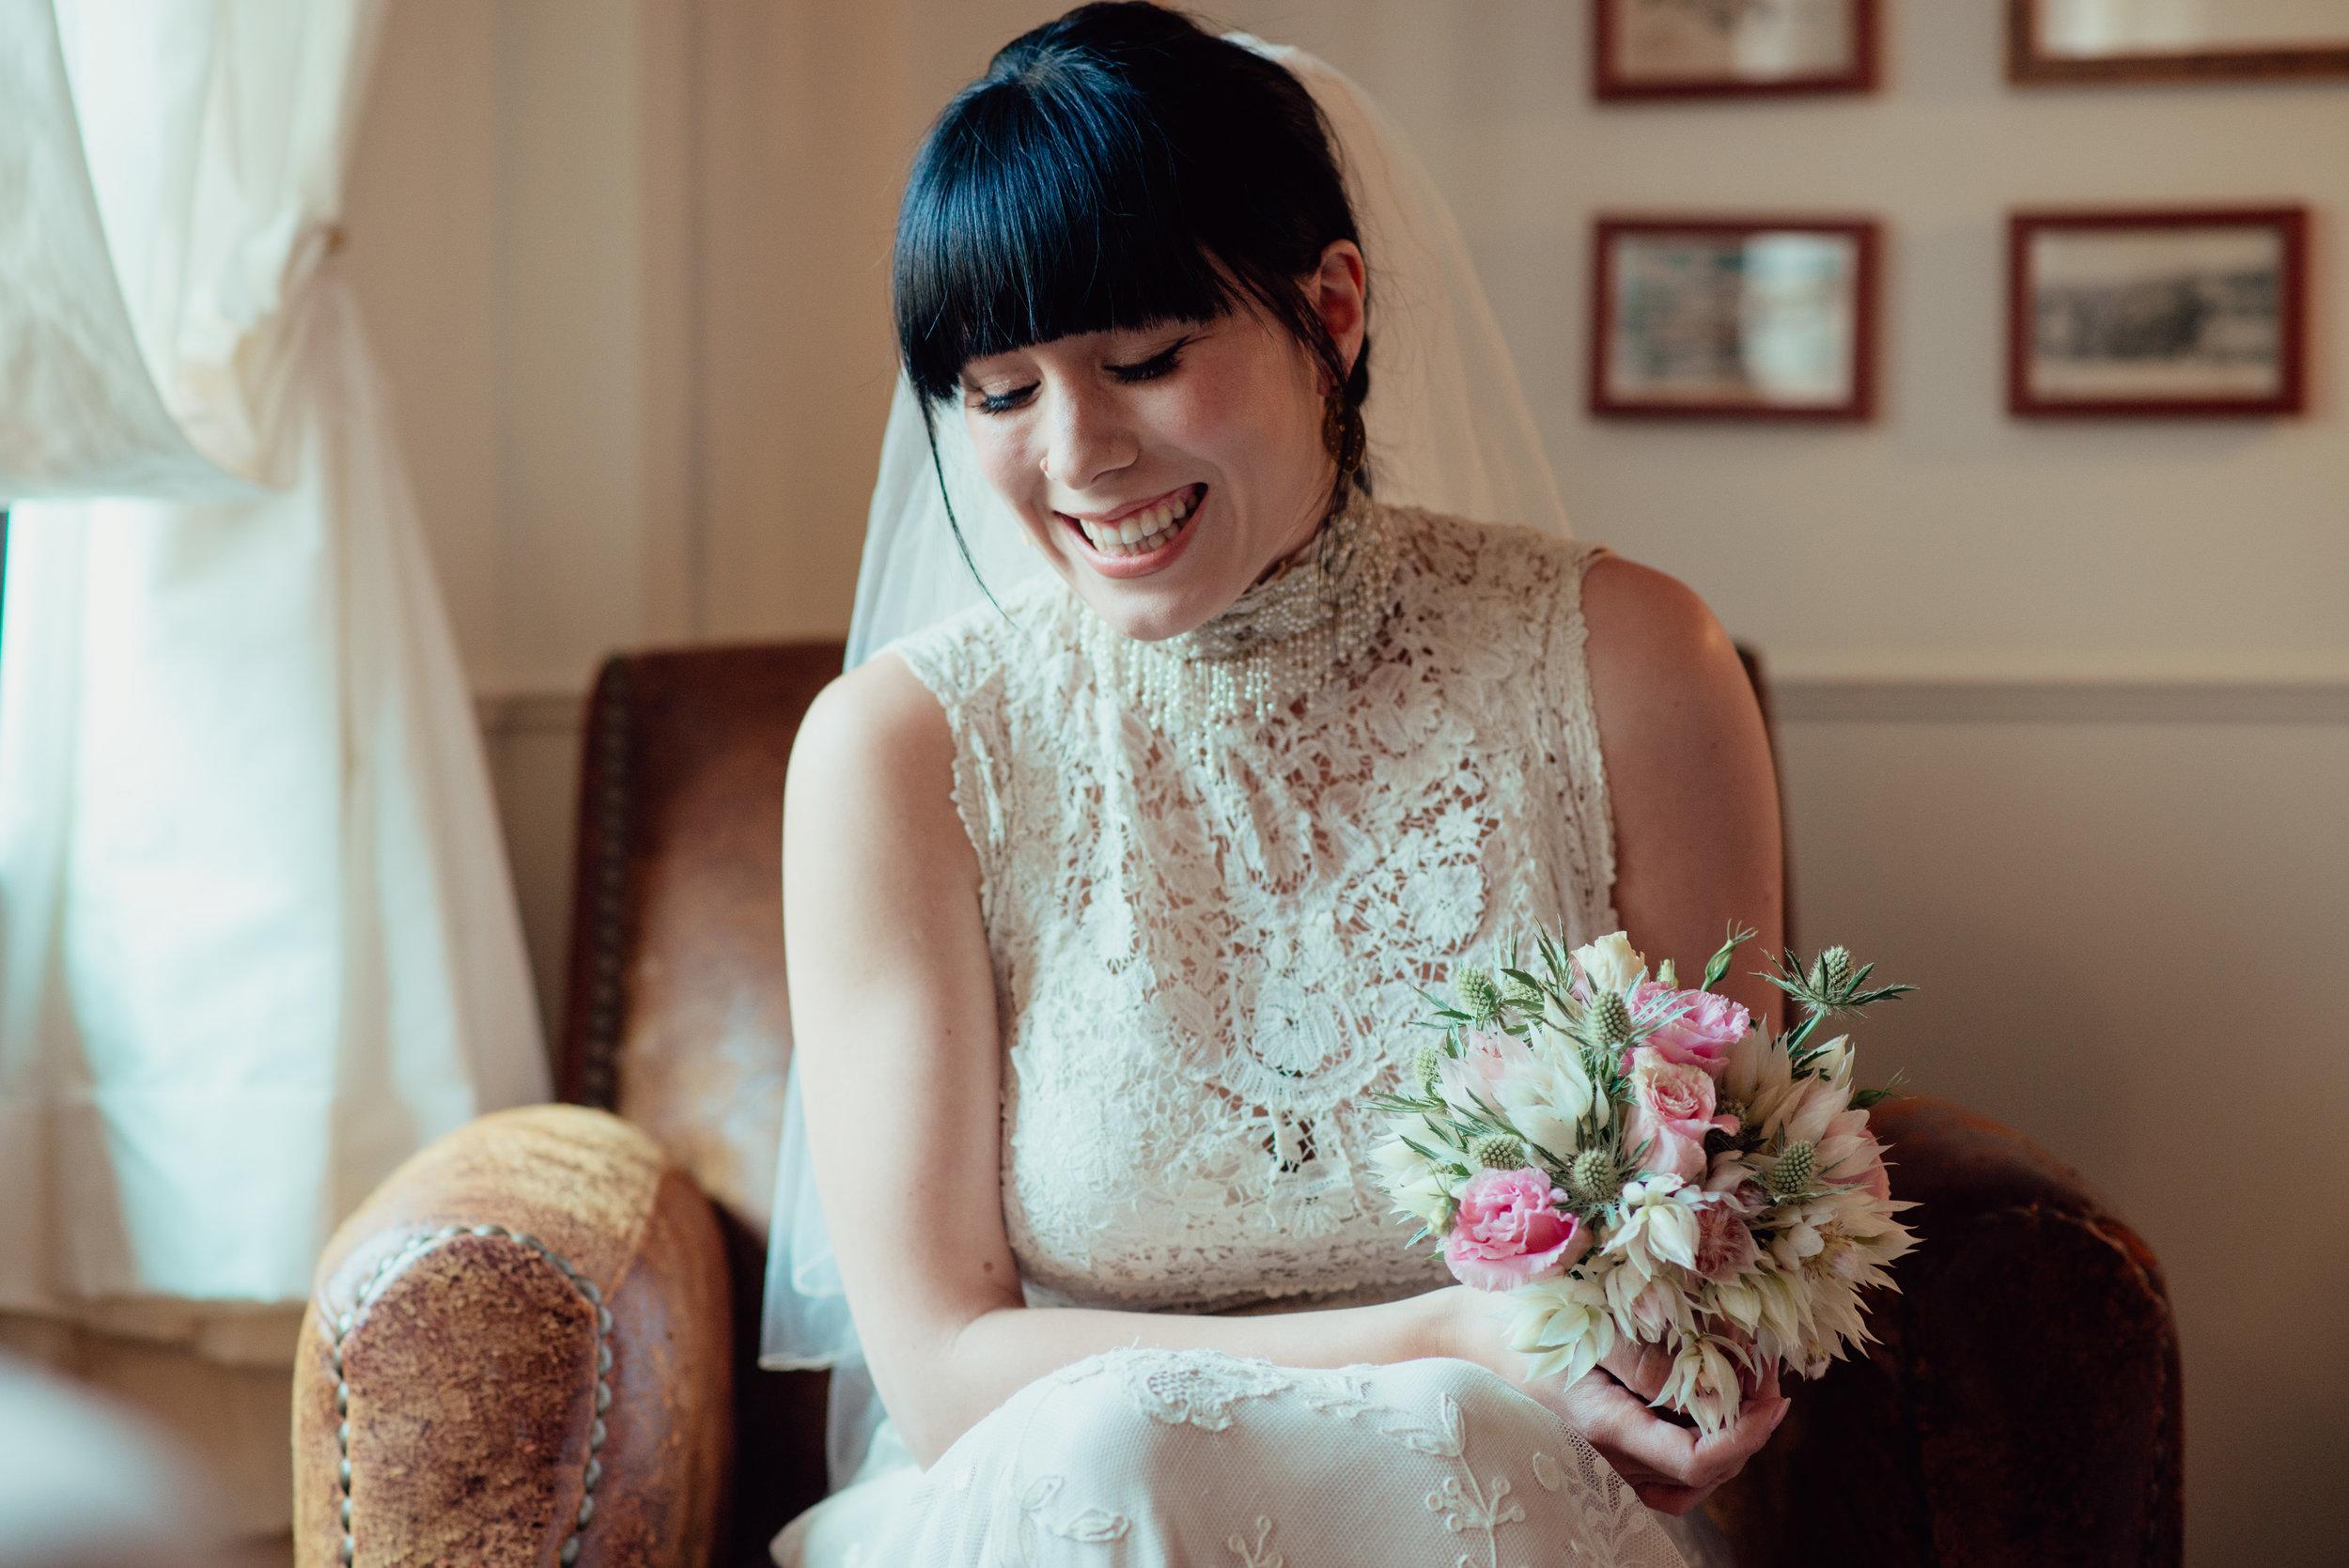 cleland-studios-weddings-9.jpg